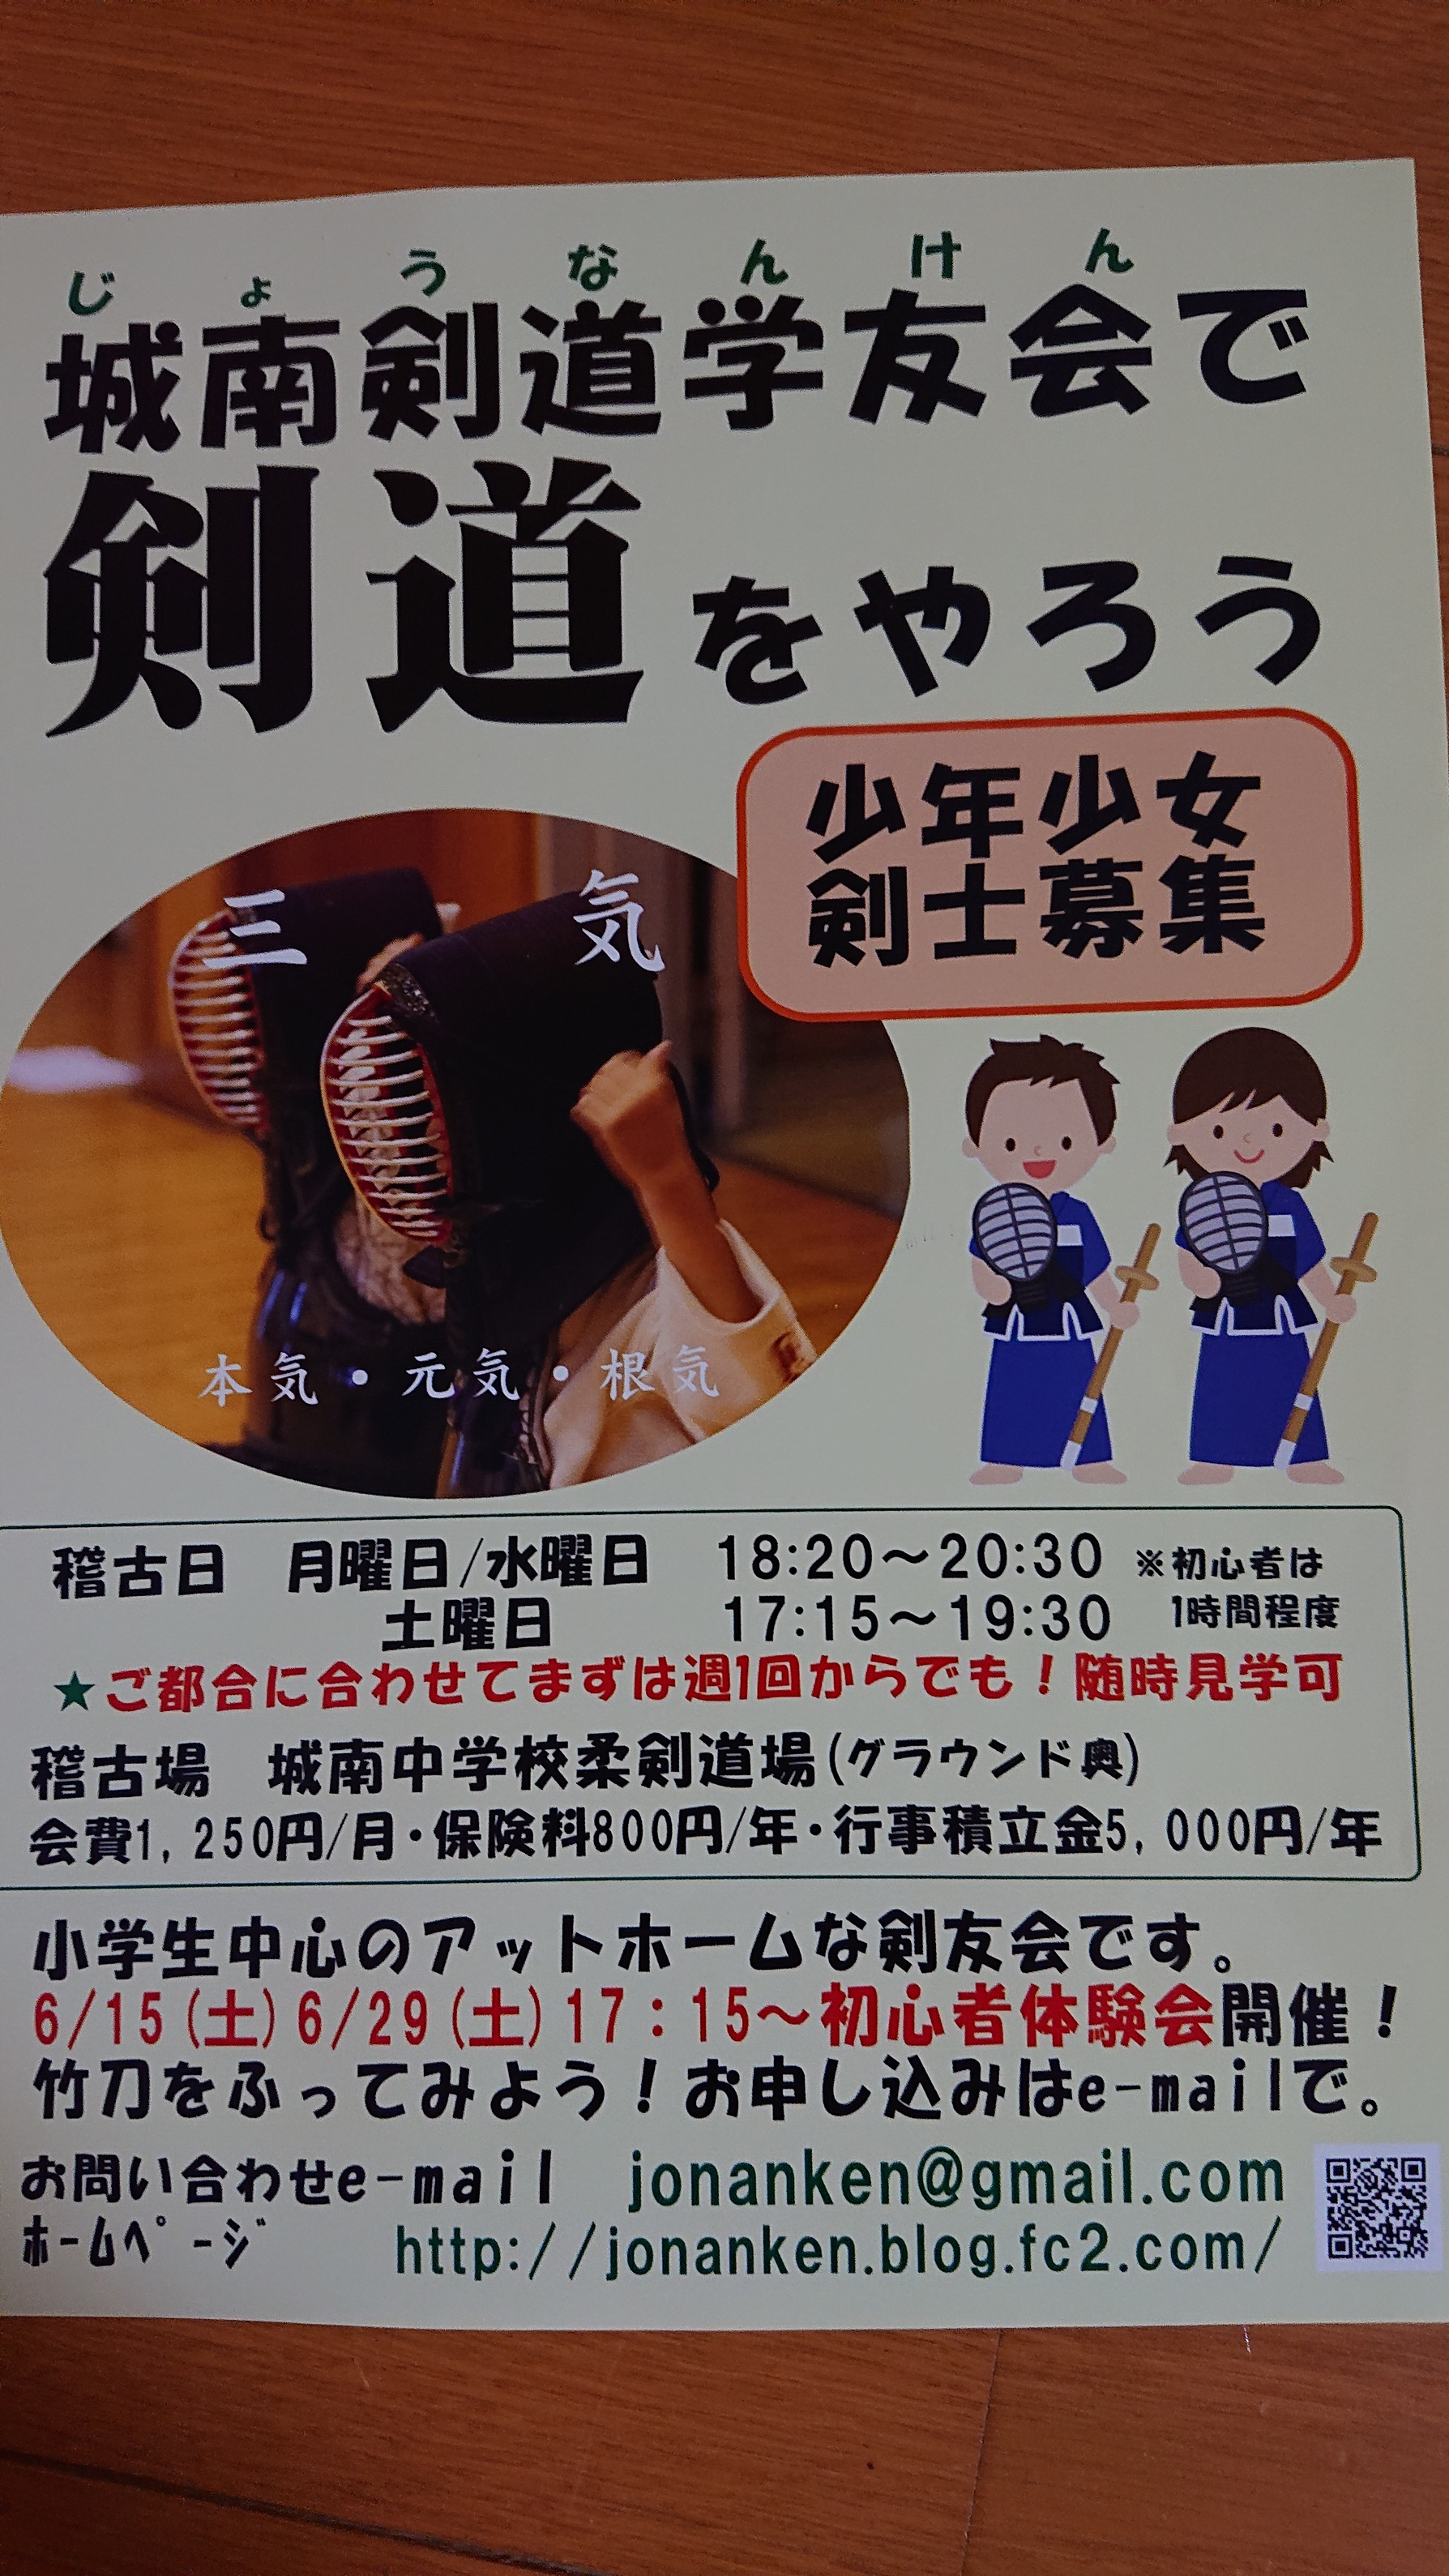 剣道体験会のお知らせ